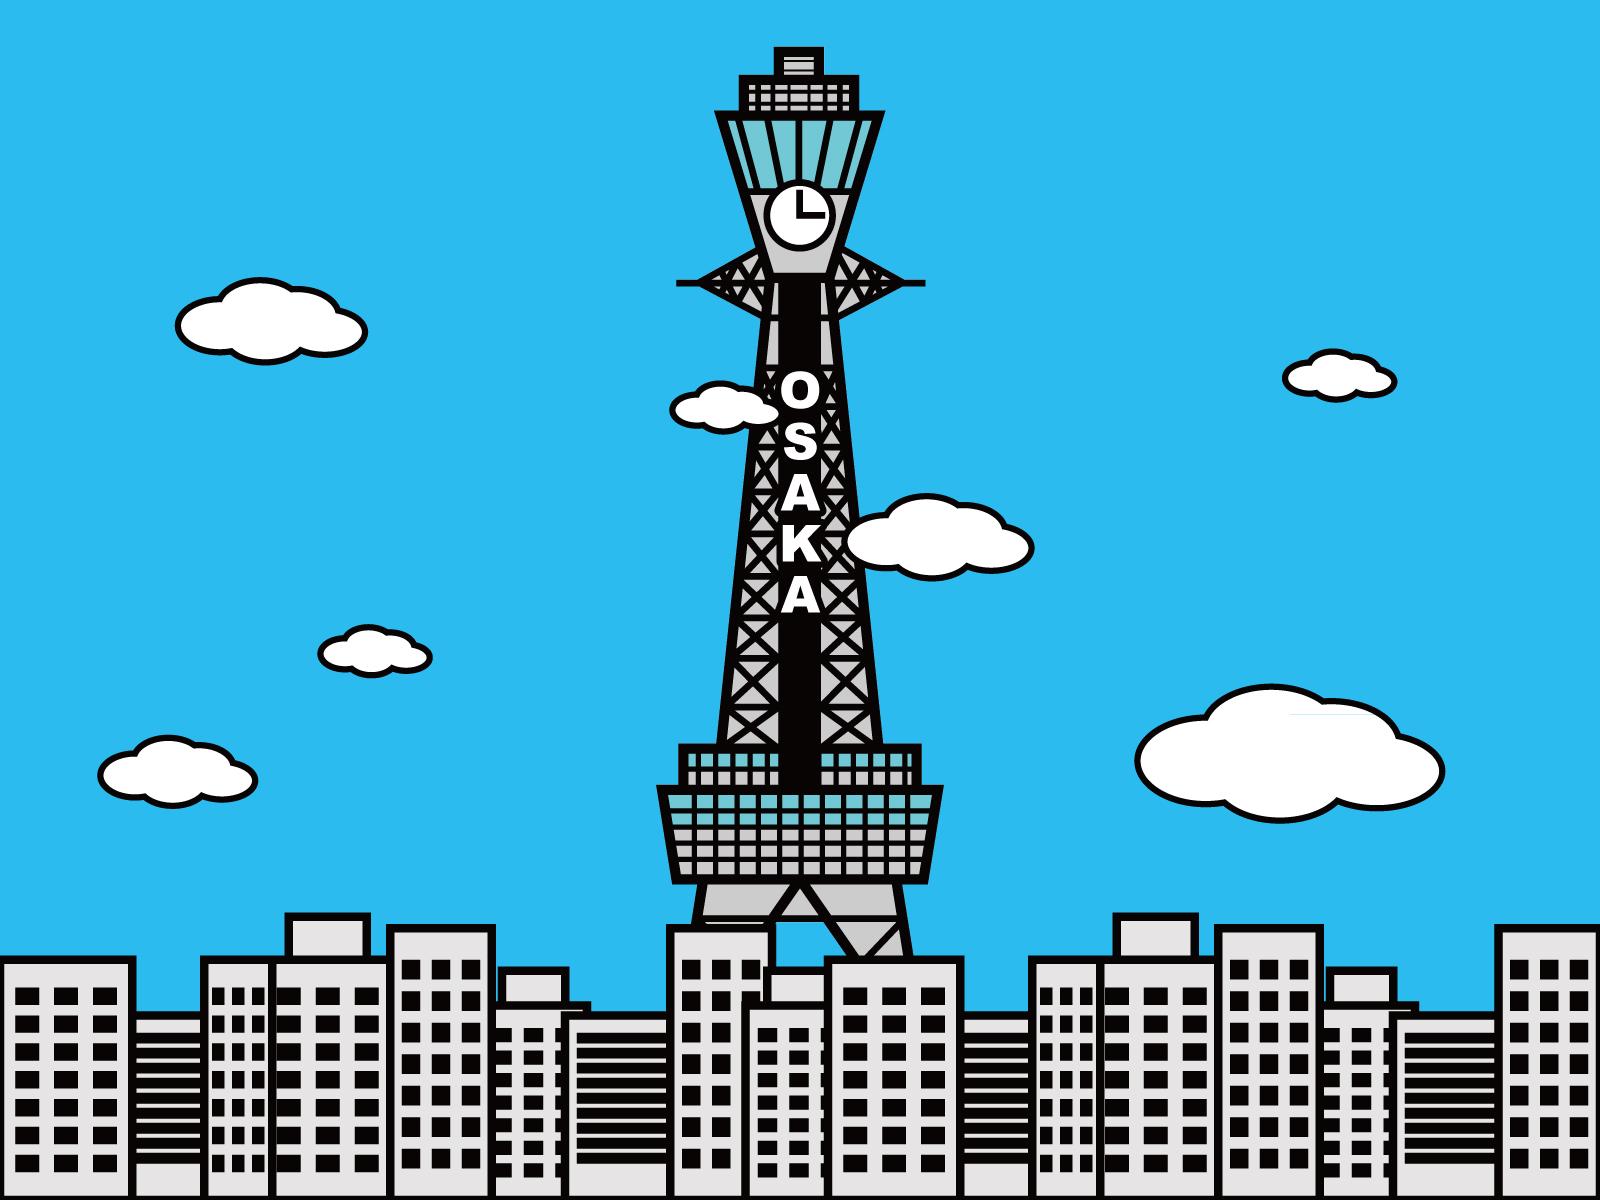 【大阪にまつわるクイズ 20問】簡単おもしろい!!大阪人・大阪城・方言など雑学問題!